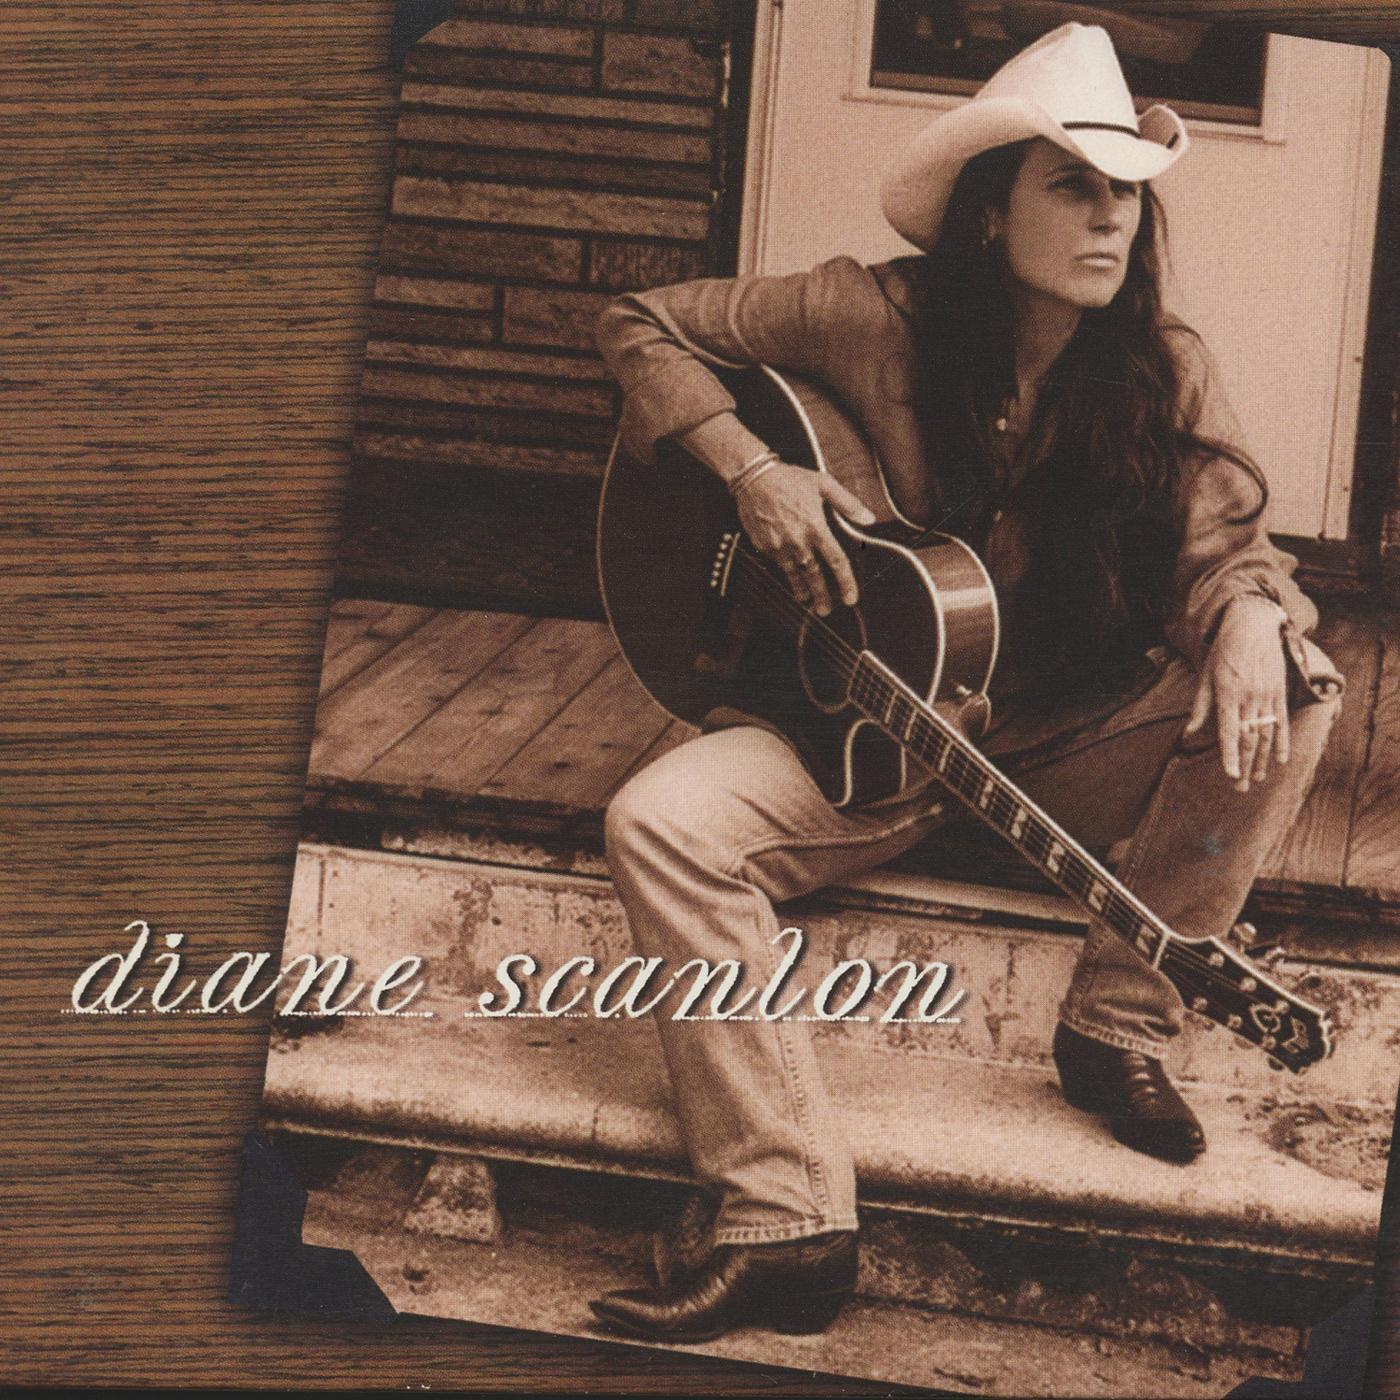 diane-scanlon-album-1400.jpg